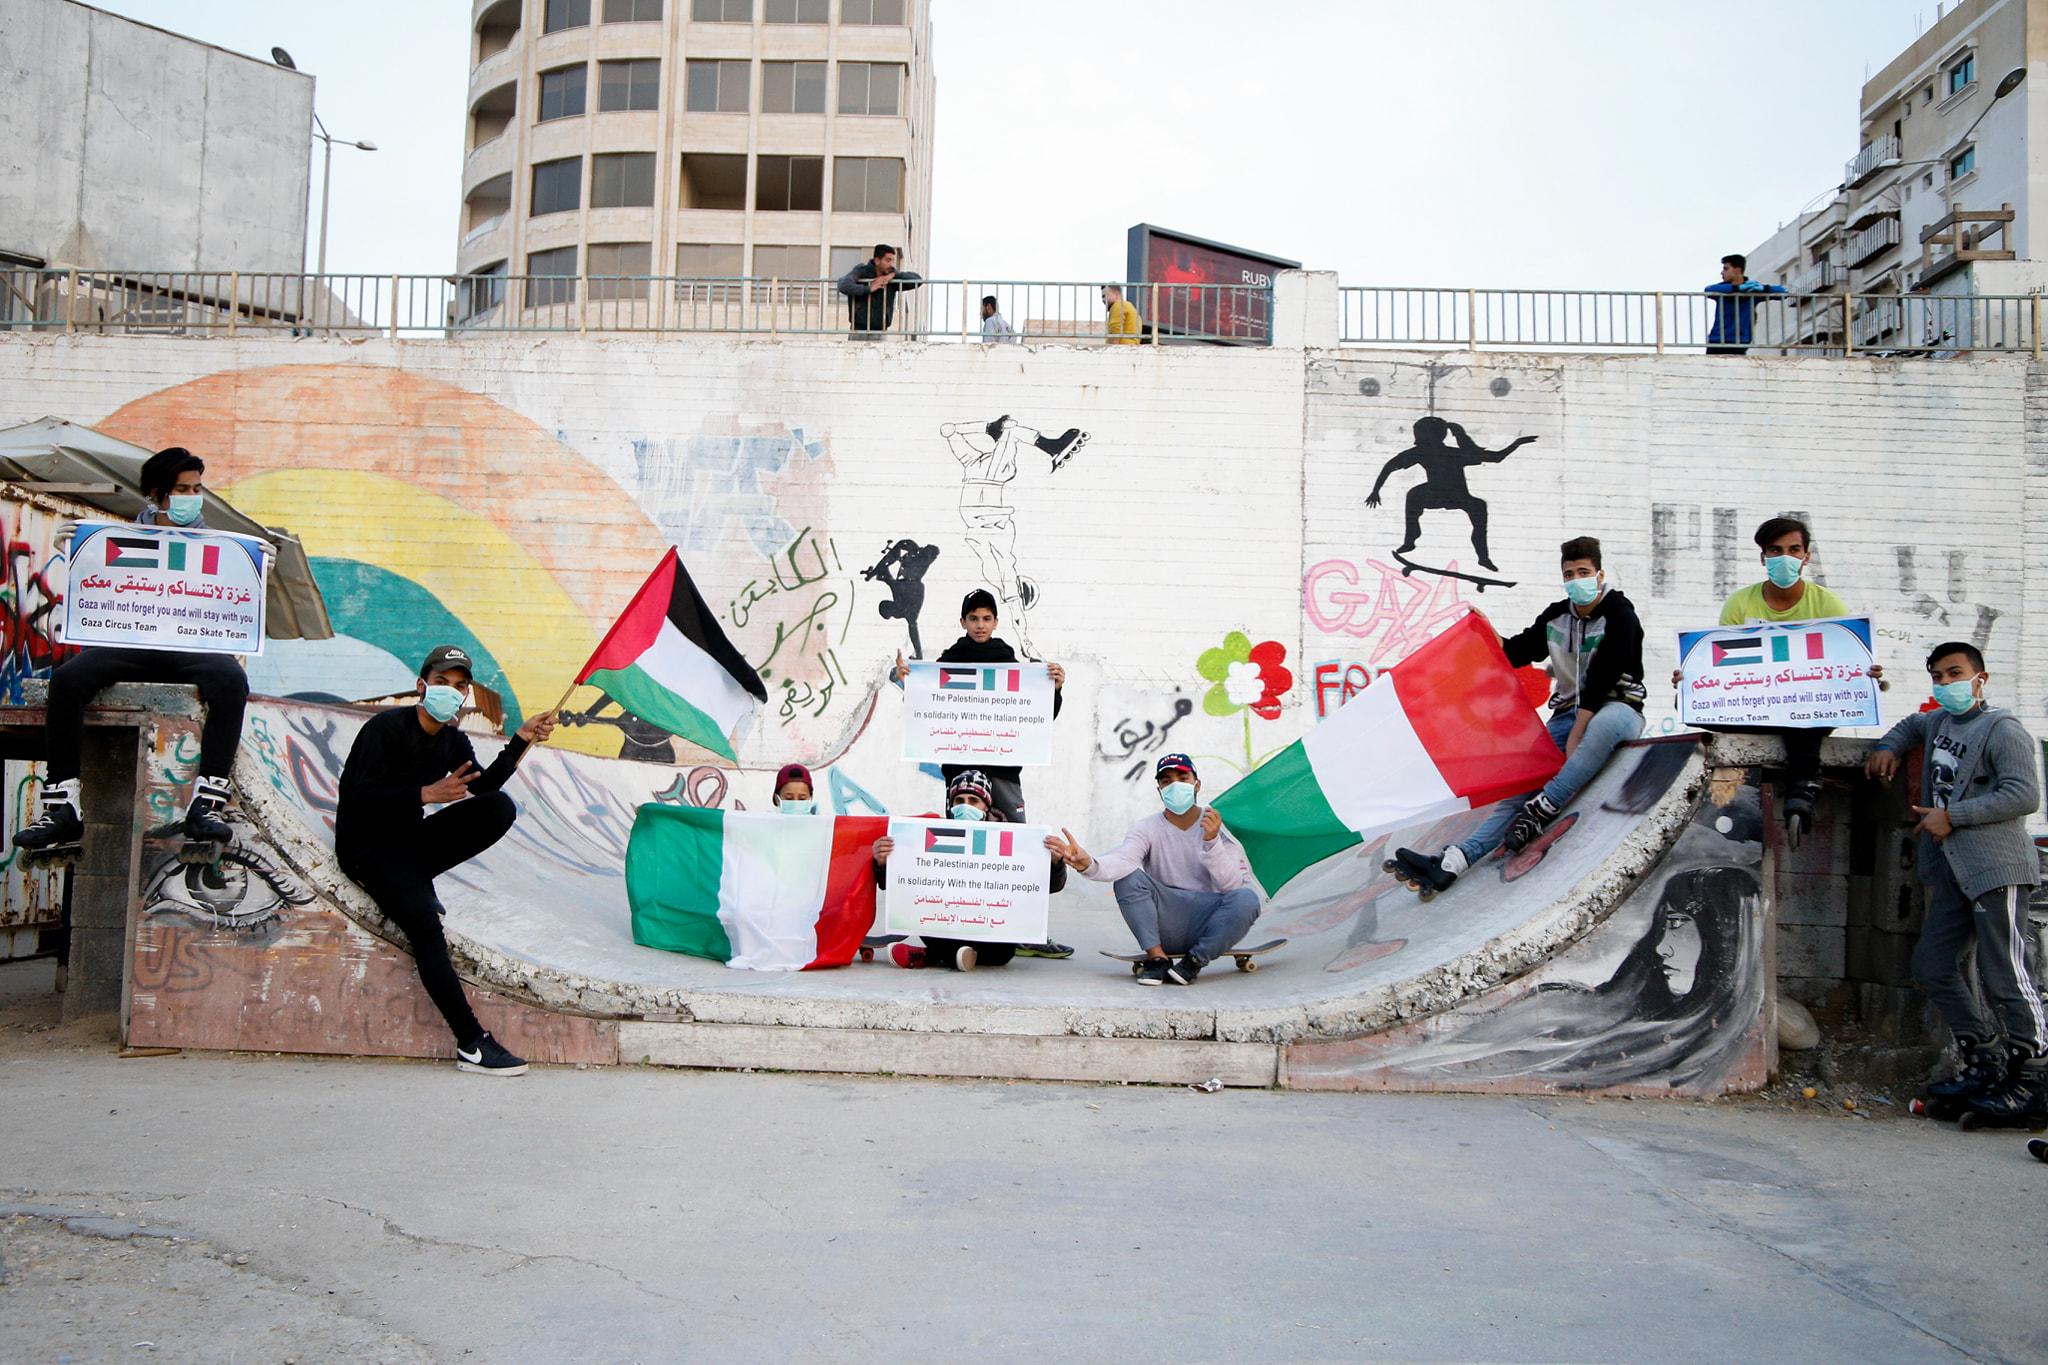 sektor-Gaza-Skate-Team